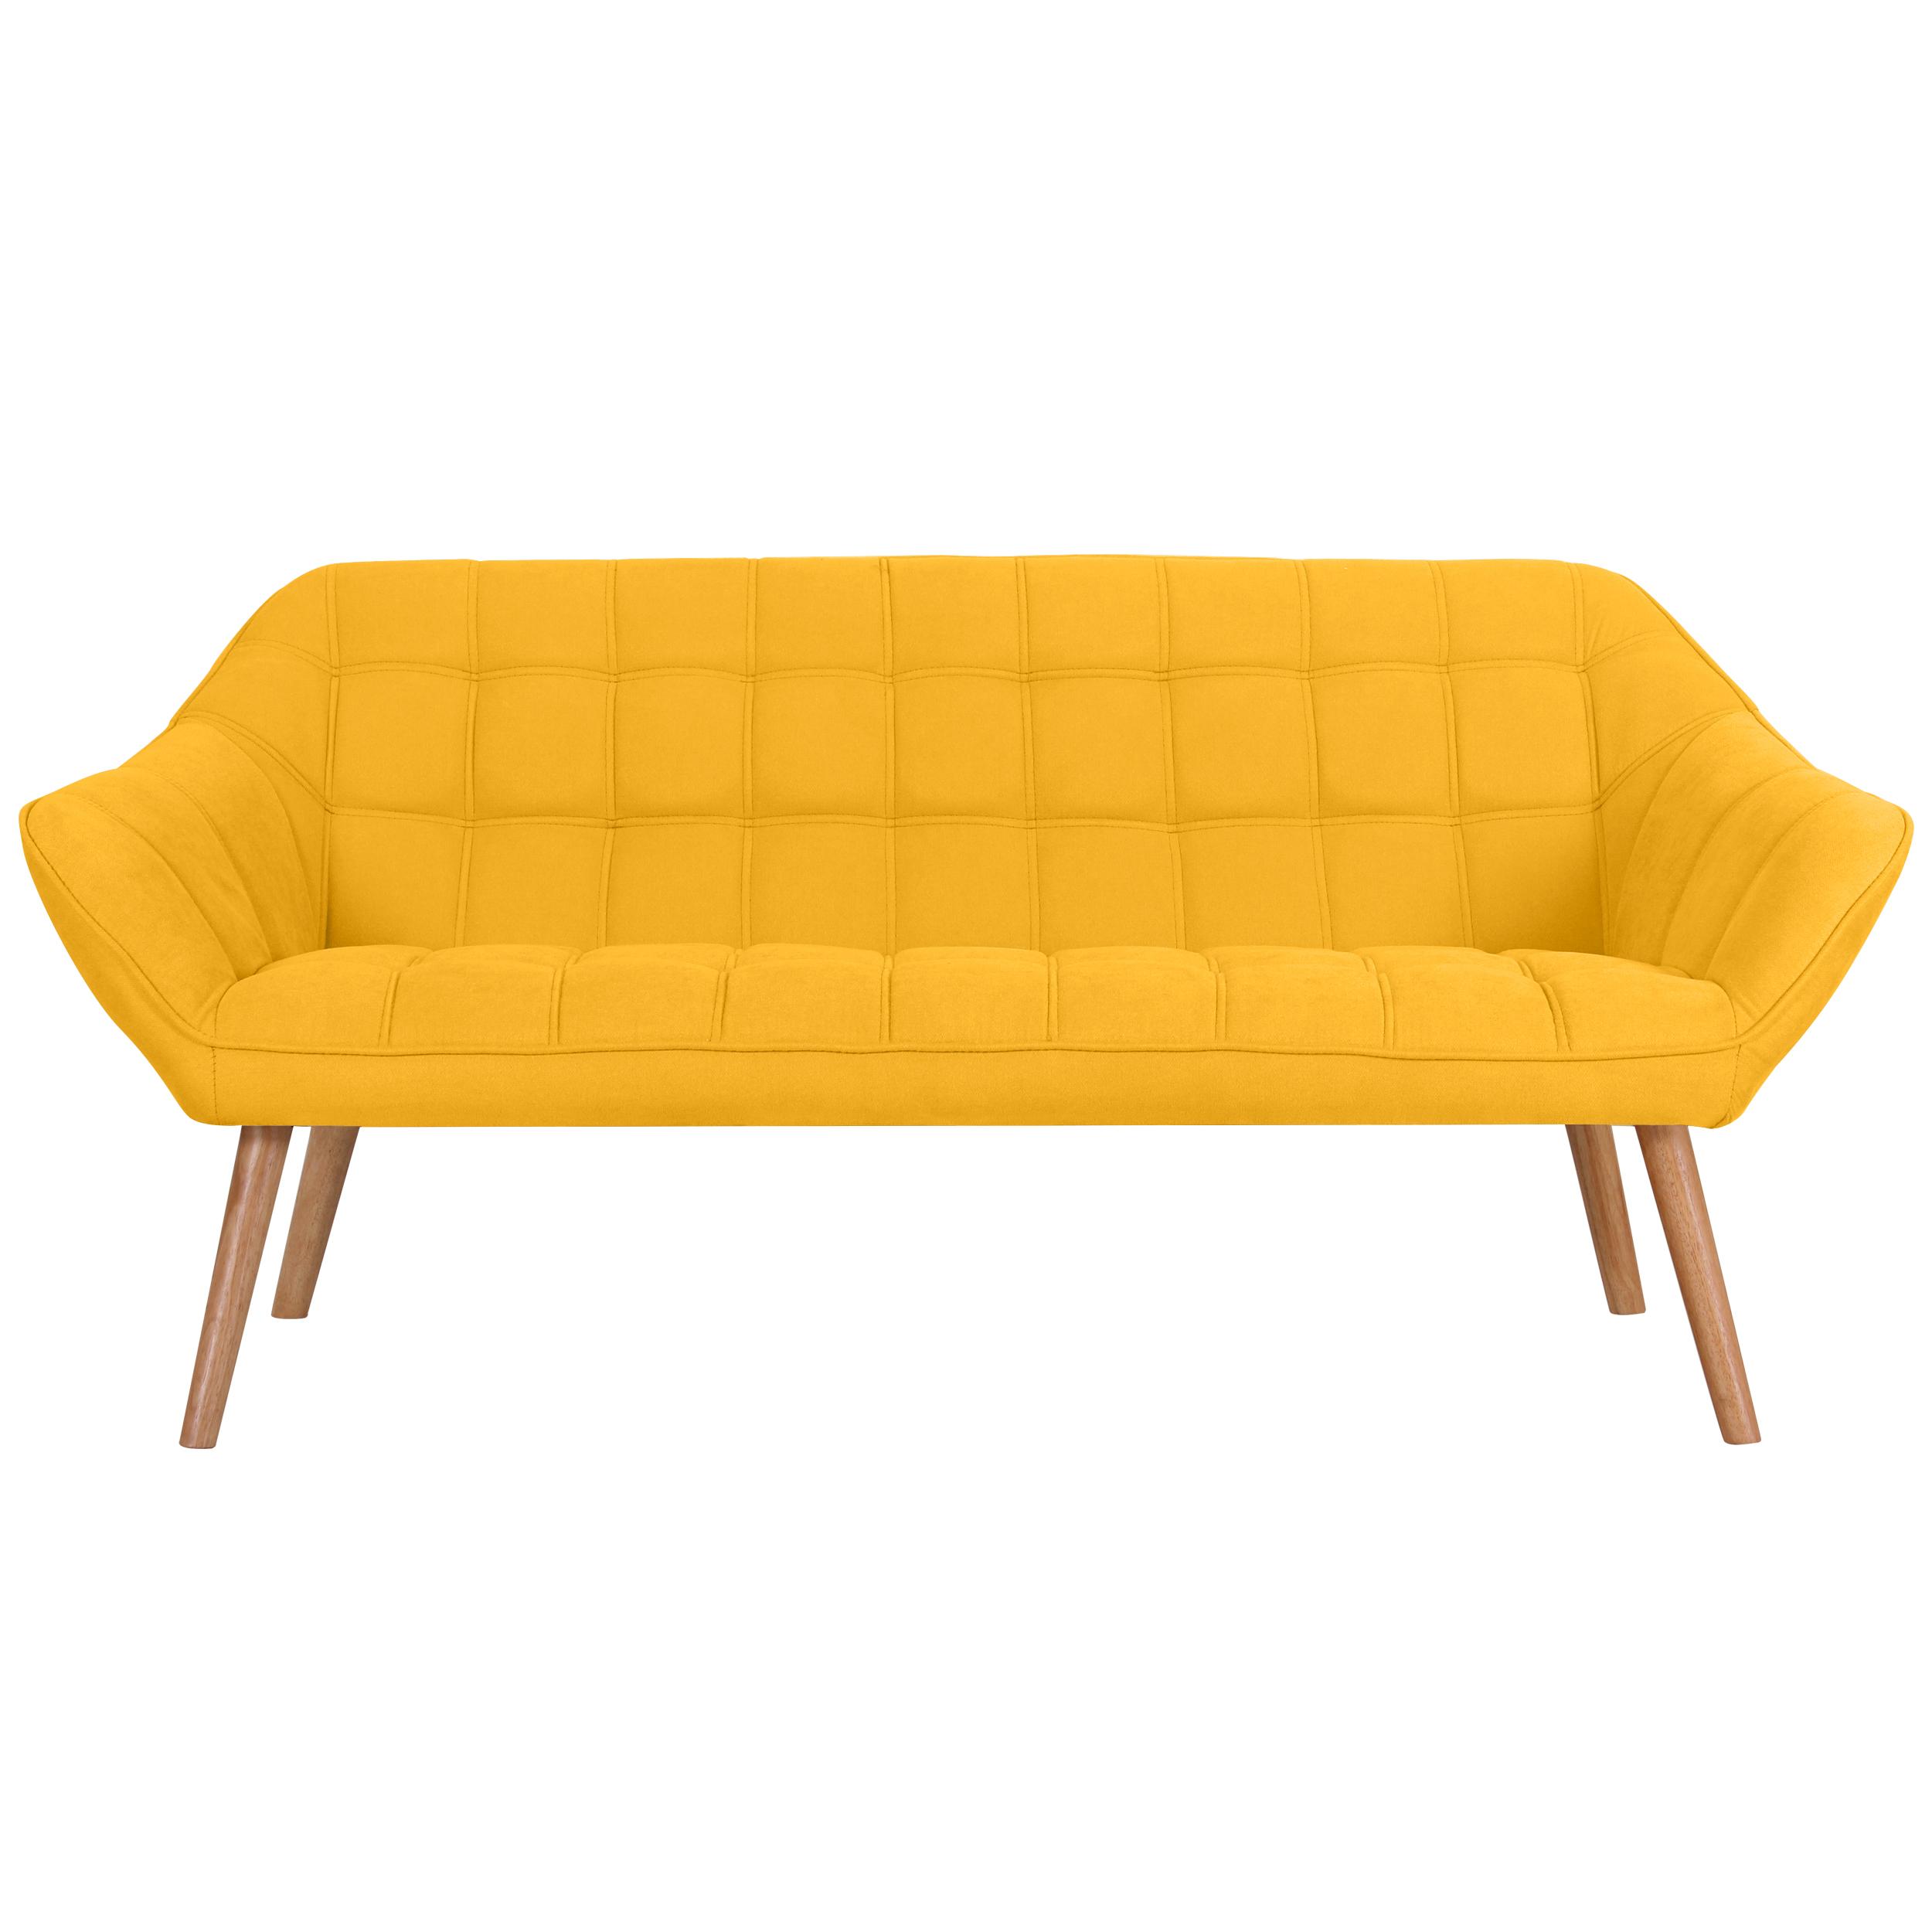 Canapé 3 places en tissu jaune